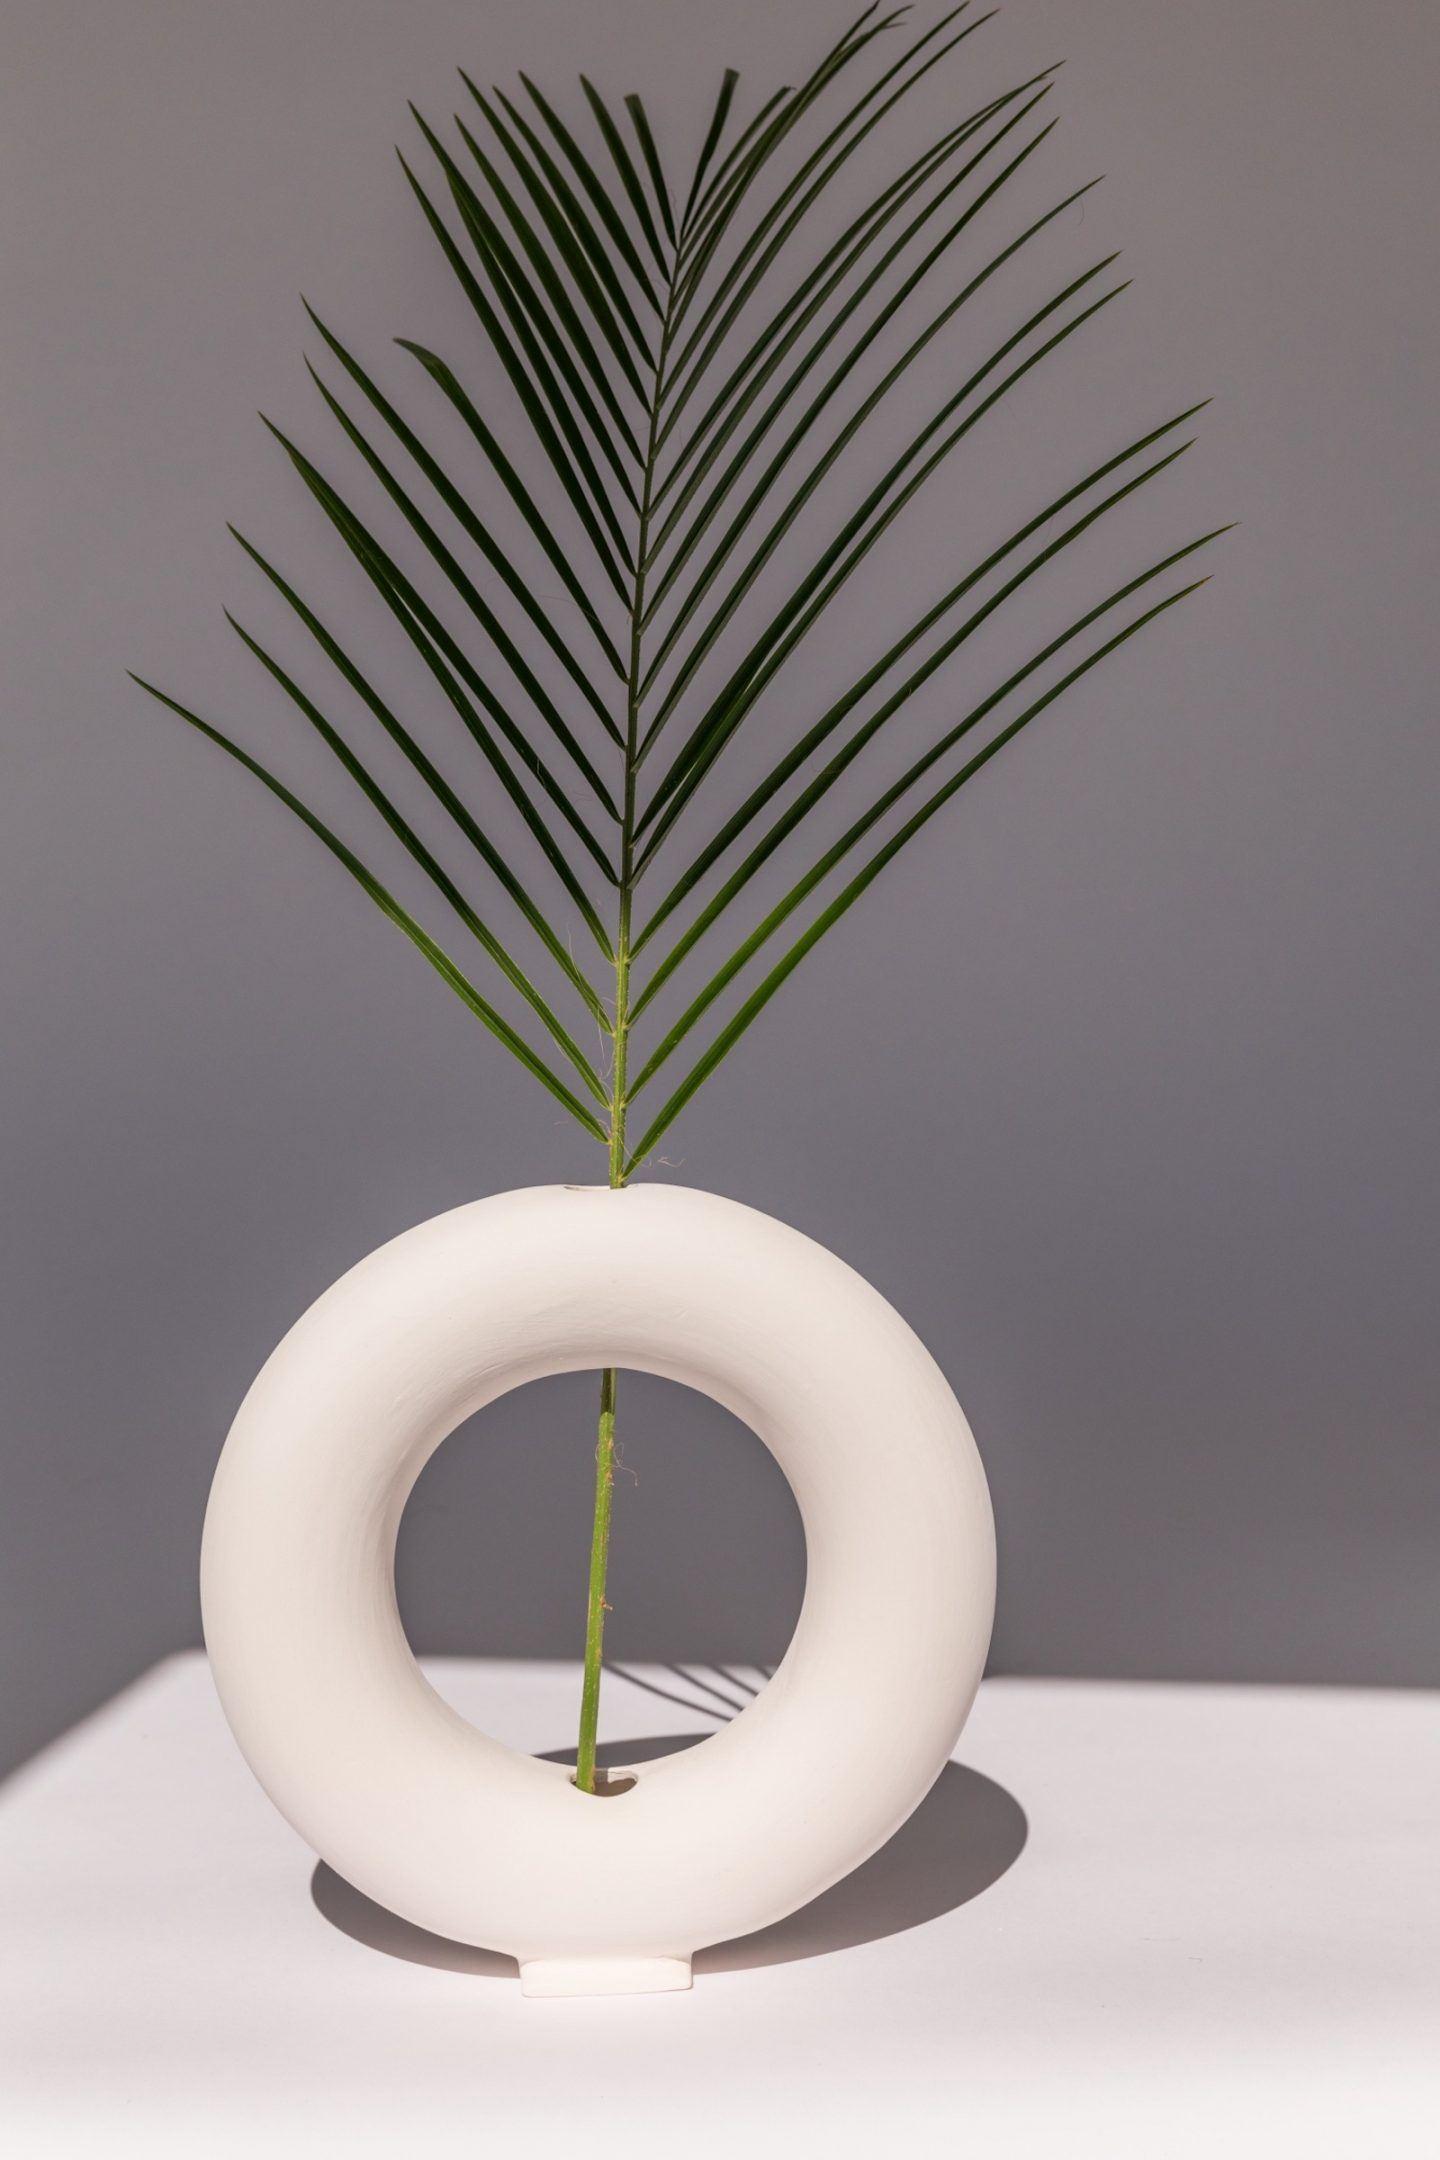 iGNANT-Design-Valeria-Vasi-018